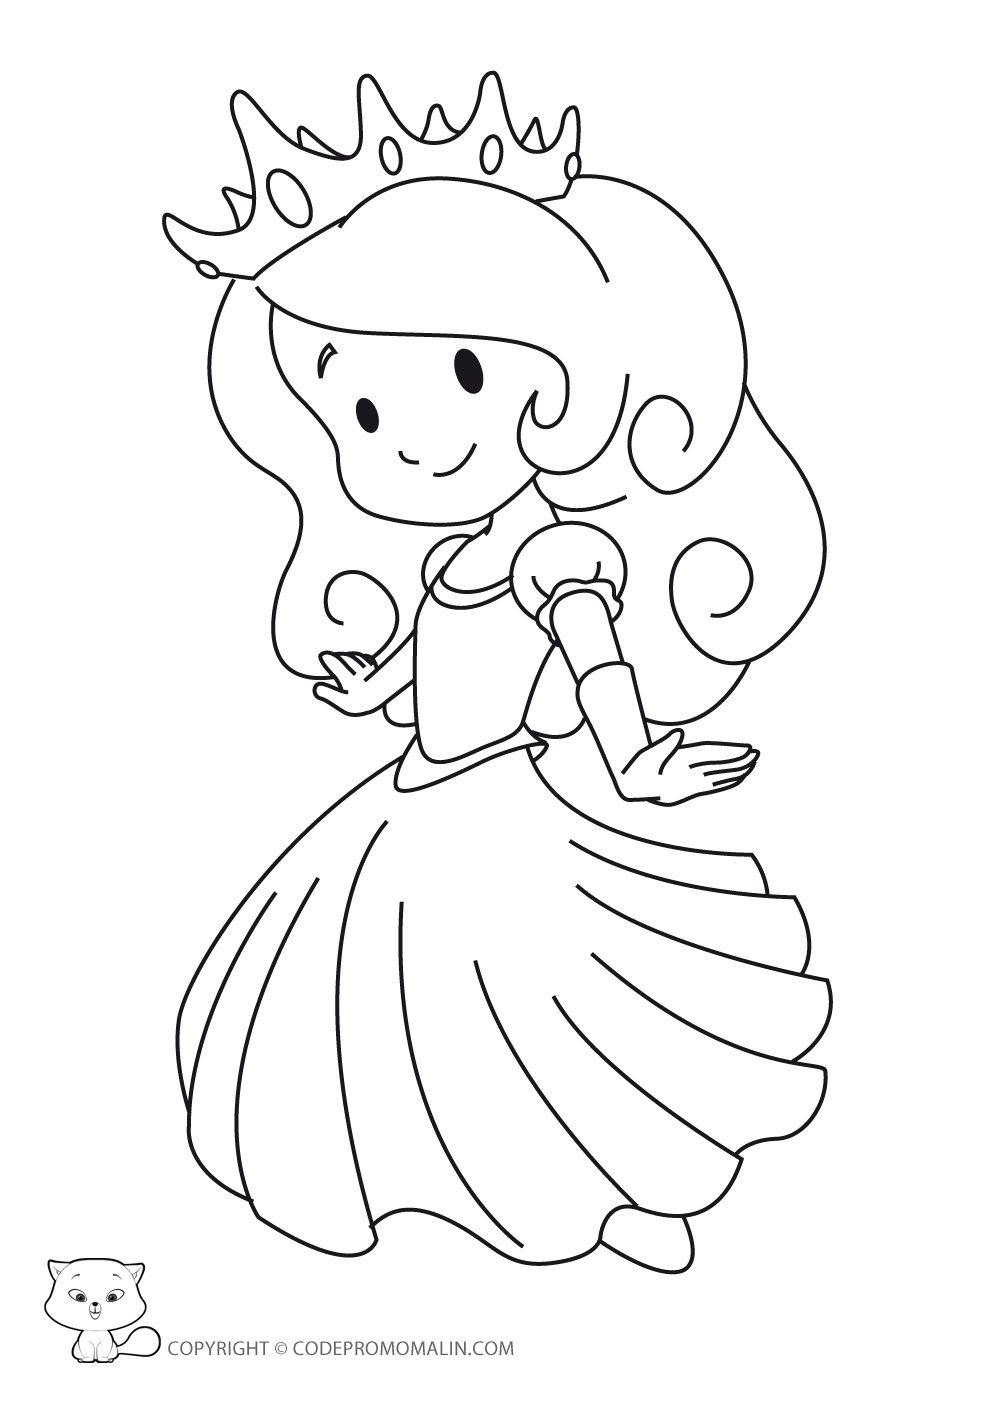 Nos Jeux De Coloriage Princesse À Imprimer Gratuit pour Coloriage Facile À Imprimer Gratuit